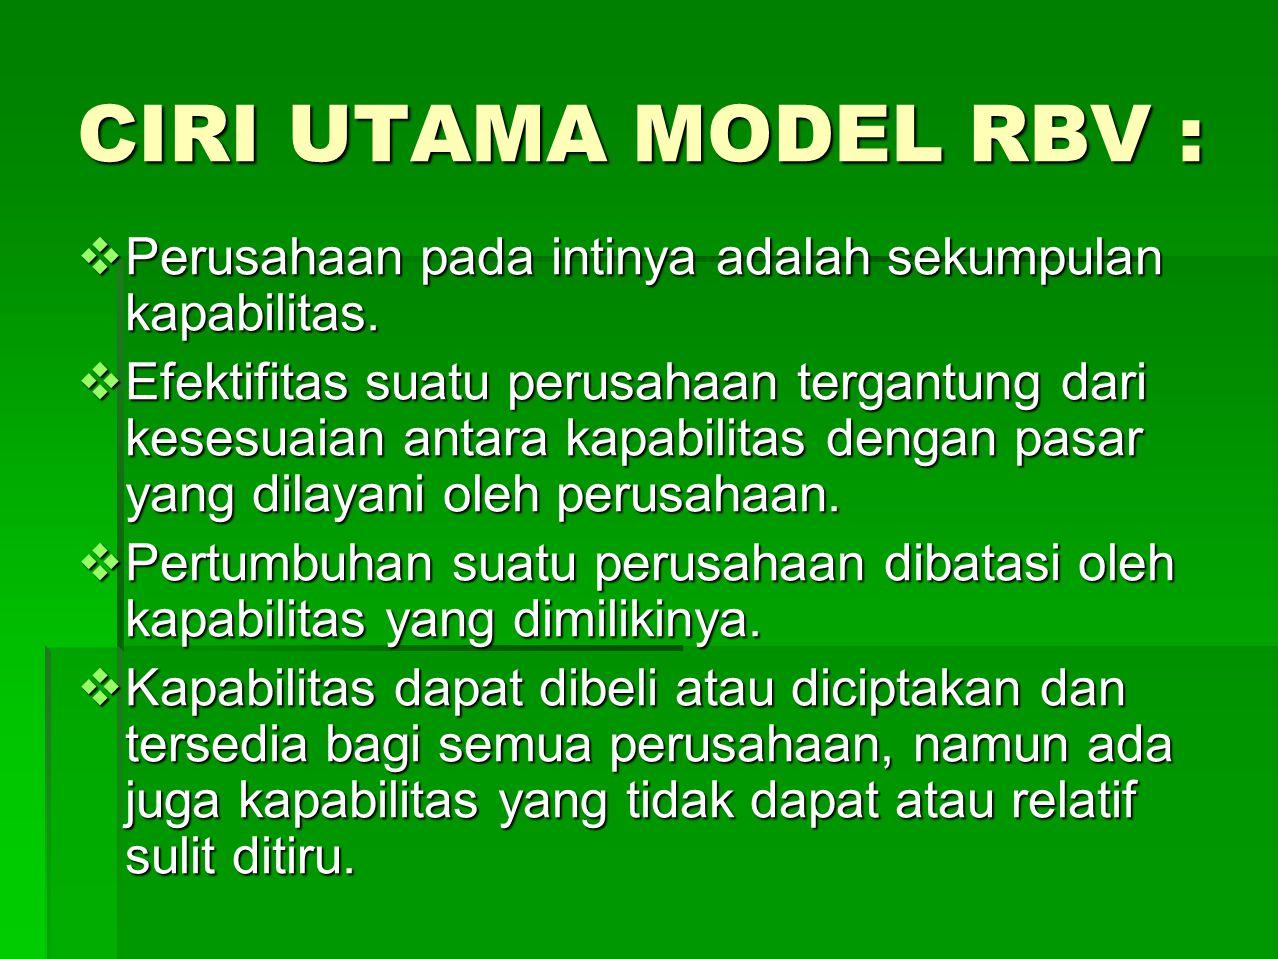 CIRI UTAMA MODEL RBV : Perusahaan pada intinya adalah sekumpulan kapabilitas.